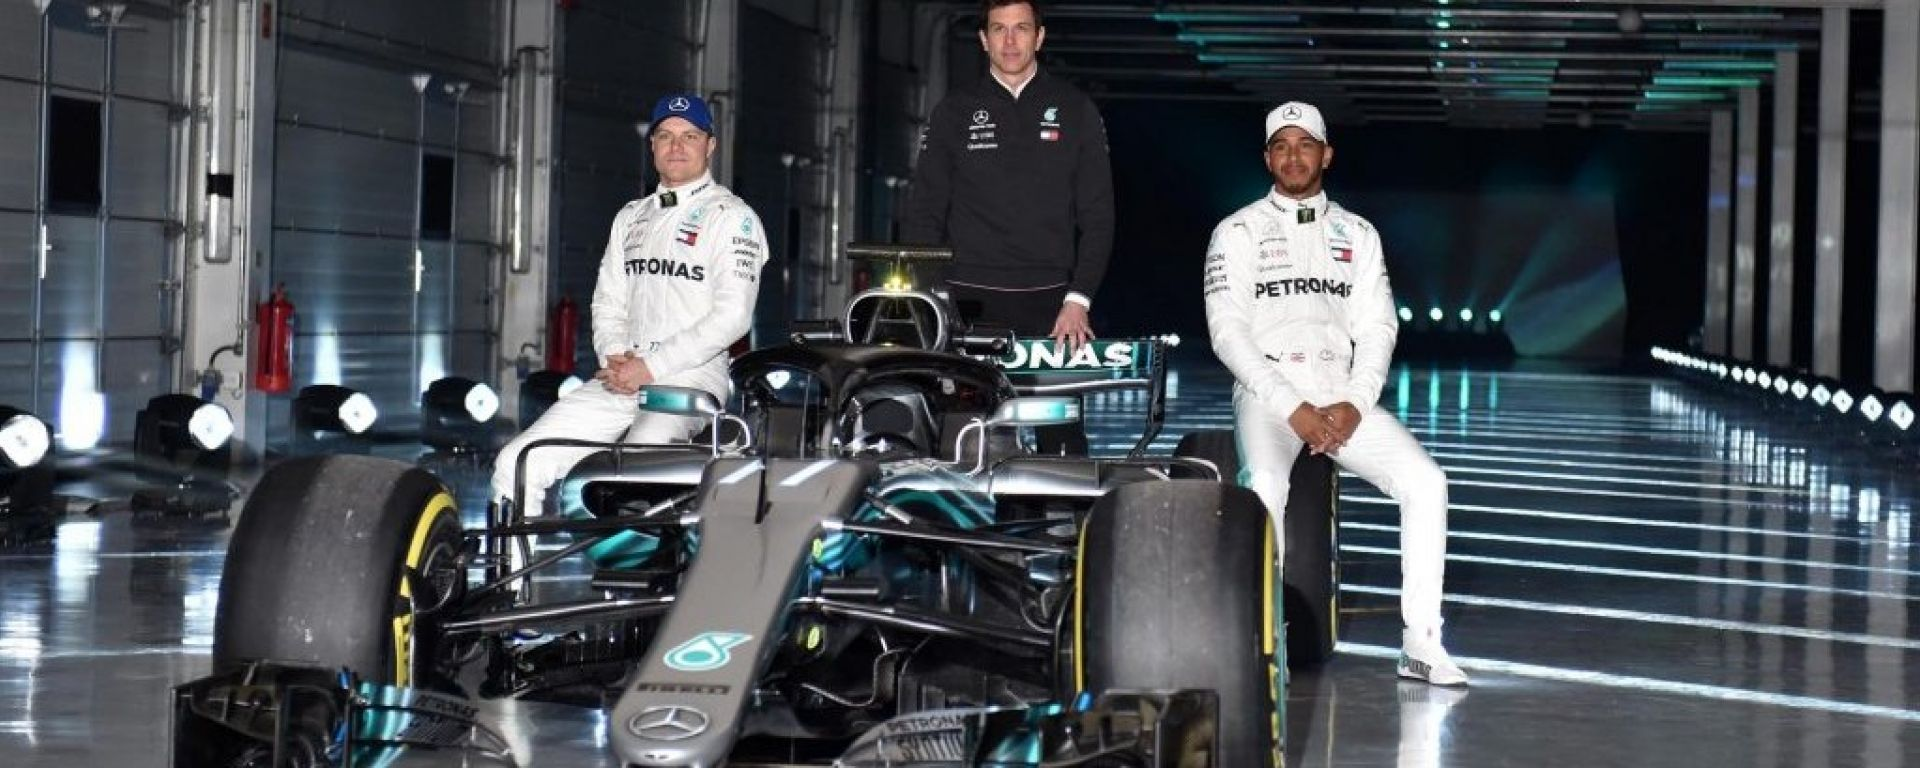 Ecco la Mercedes F1 W09: tutte le immagini